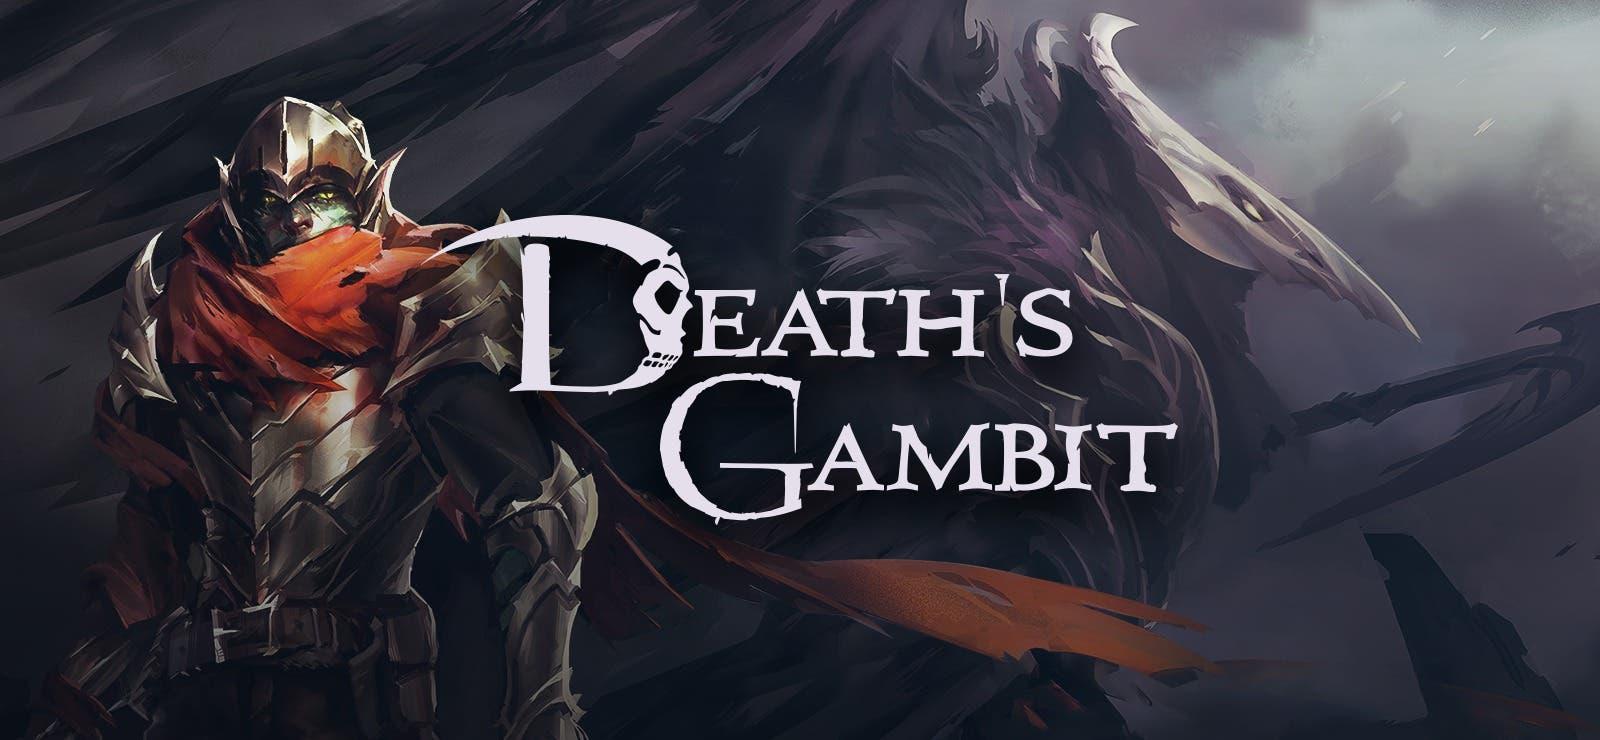 Imagen de La edición física de Death's Gambit saldría en junio en exclusiva para PlayStation 4